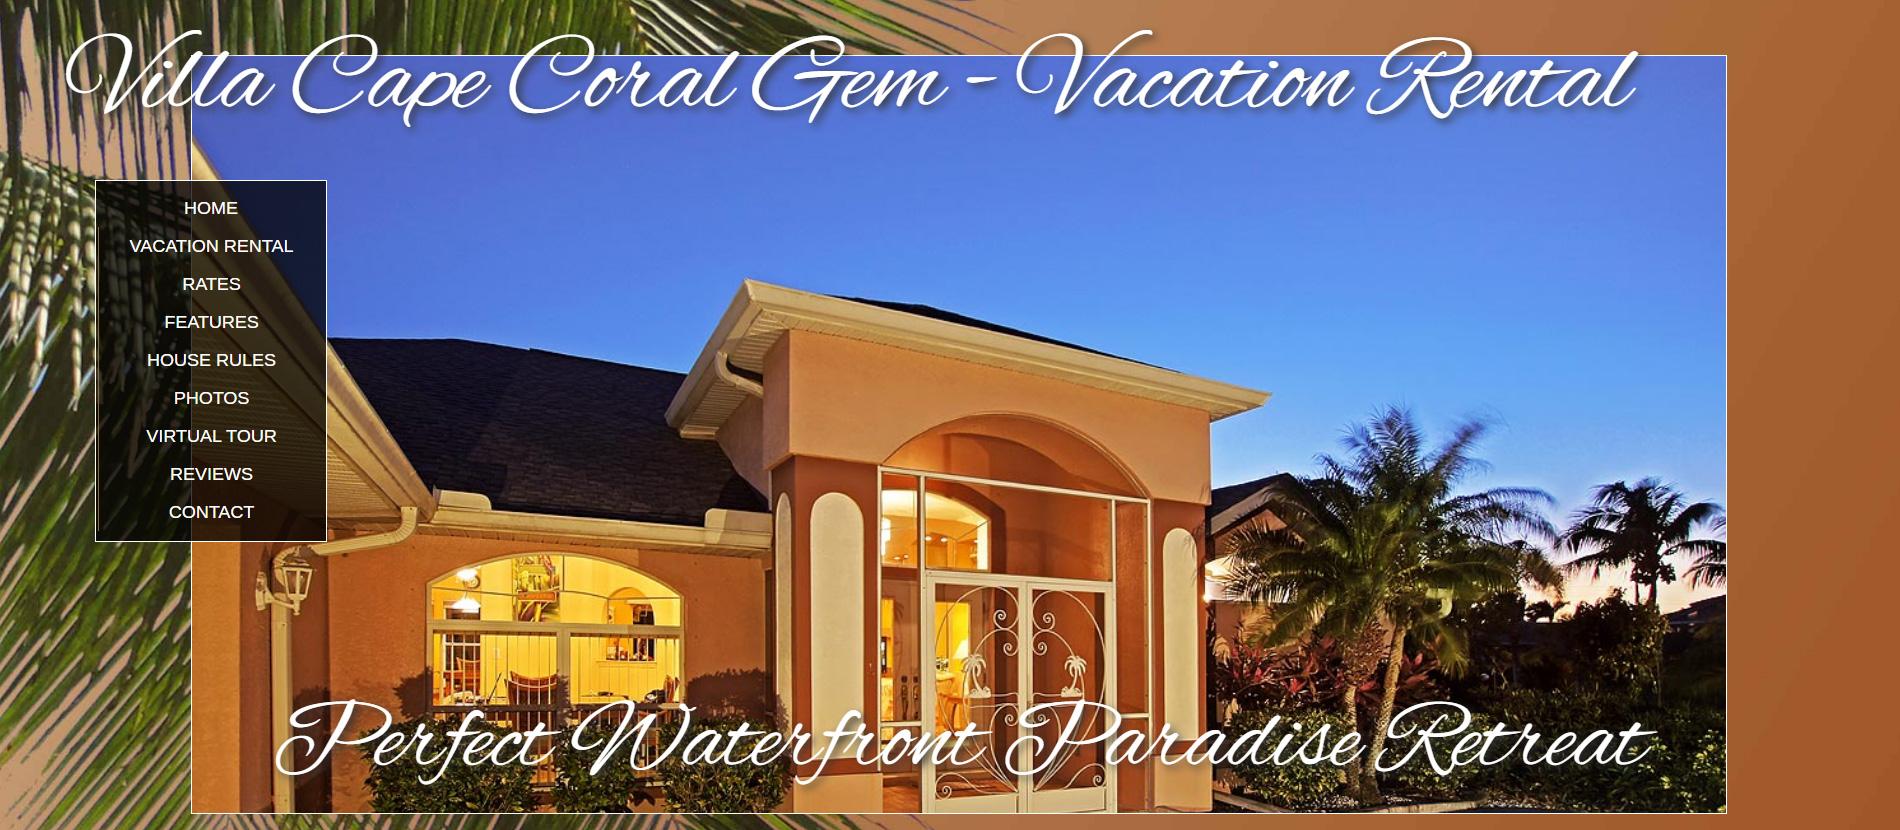 Villa Cape Coral Gem